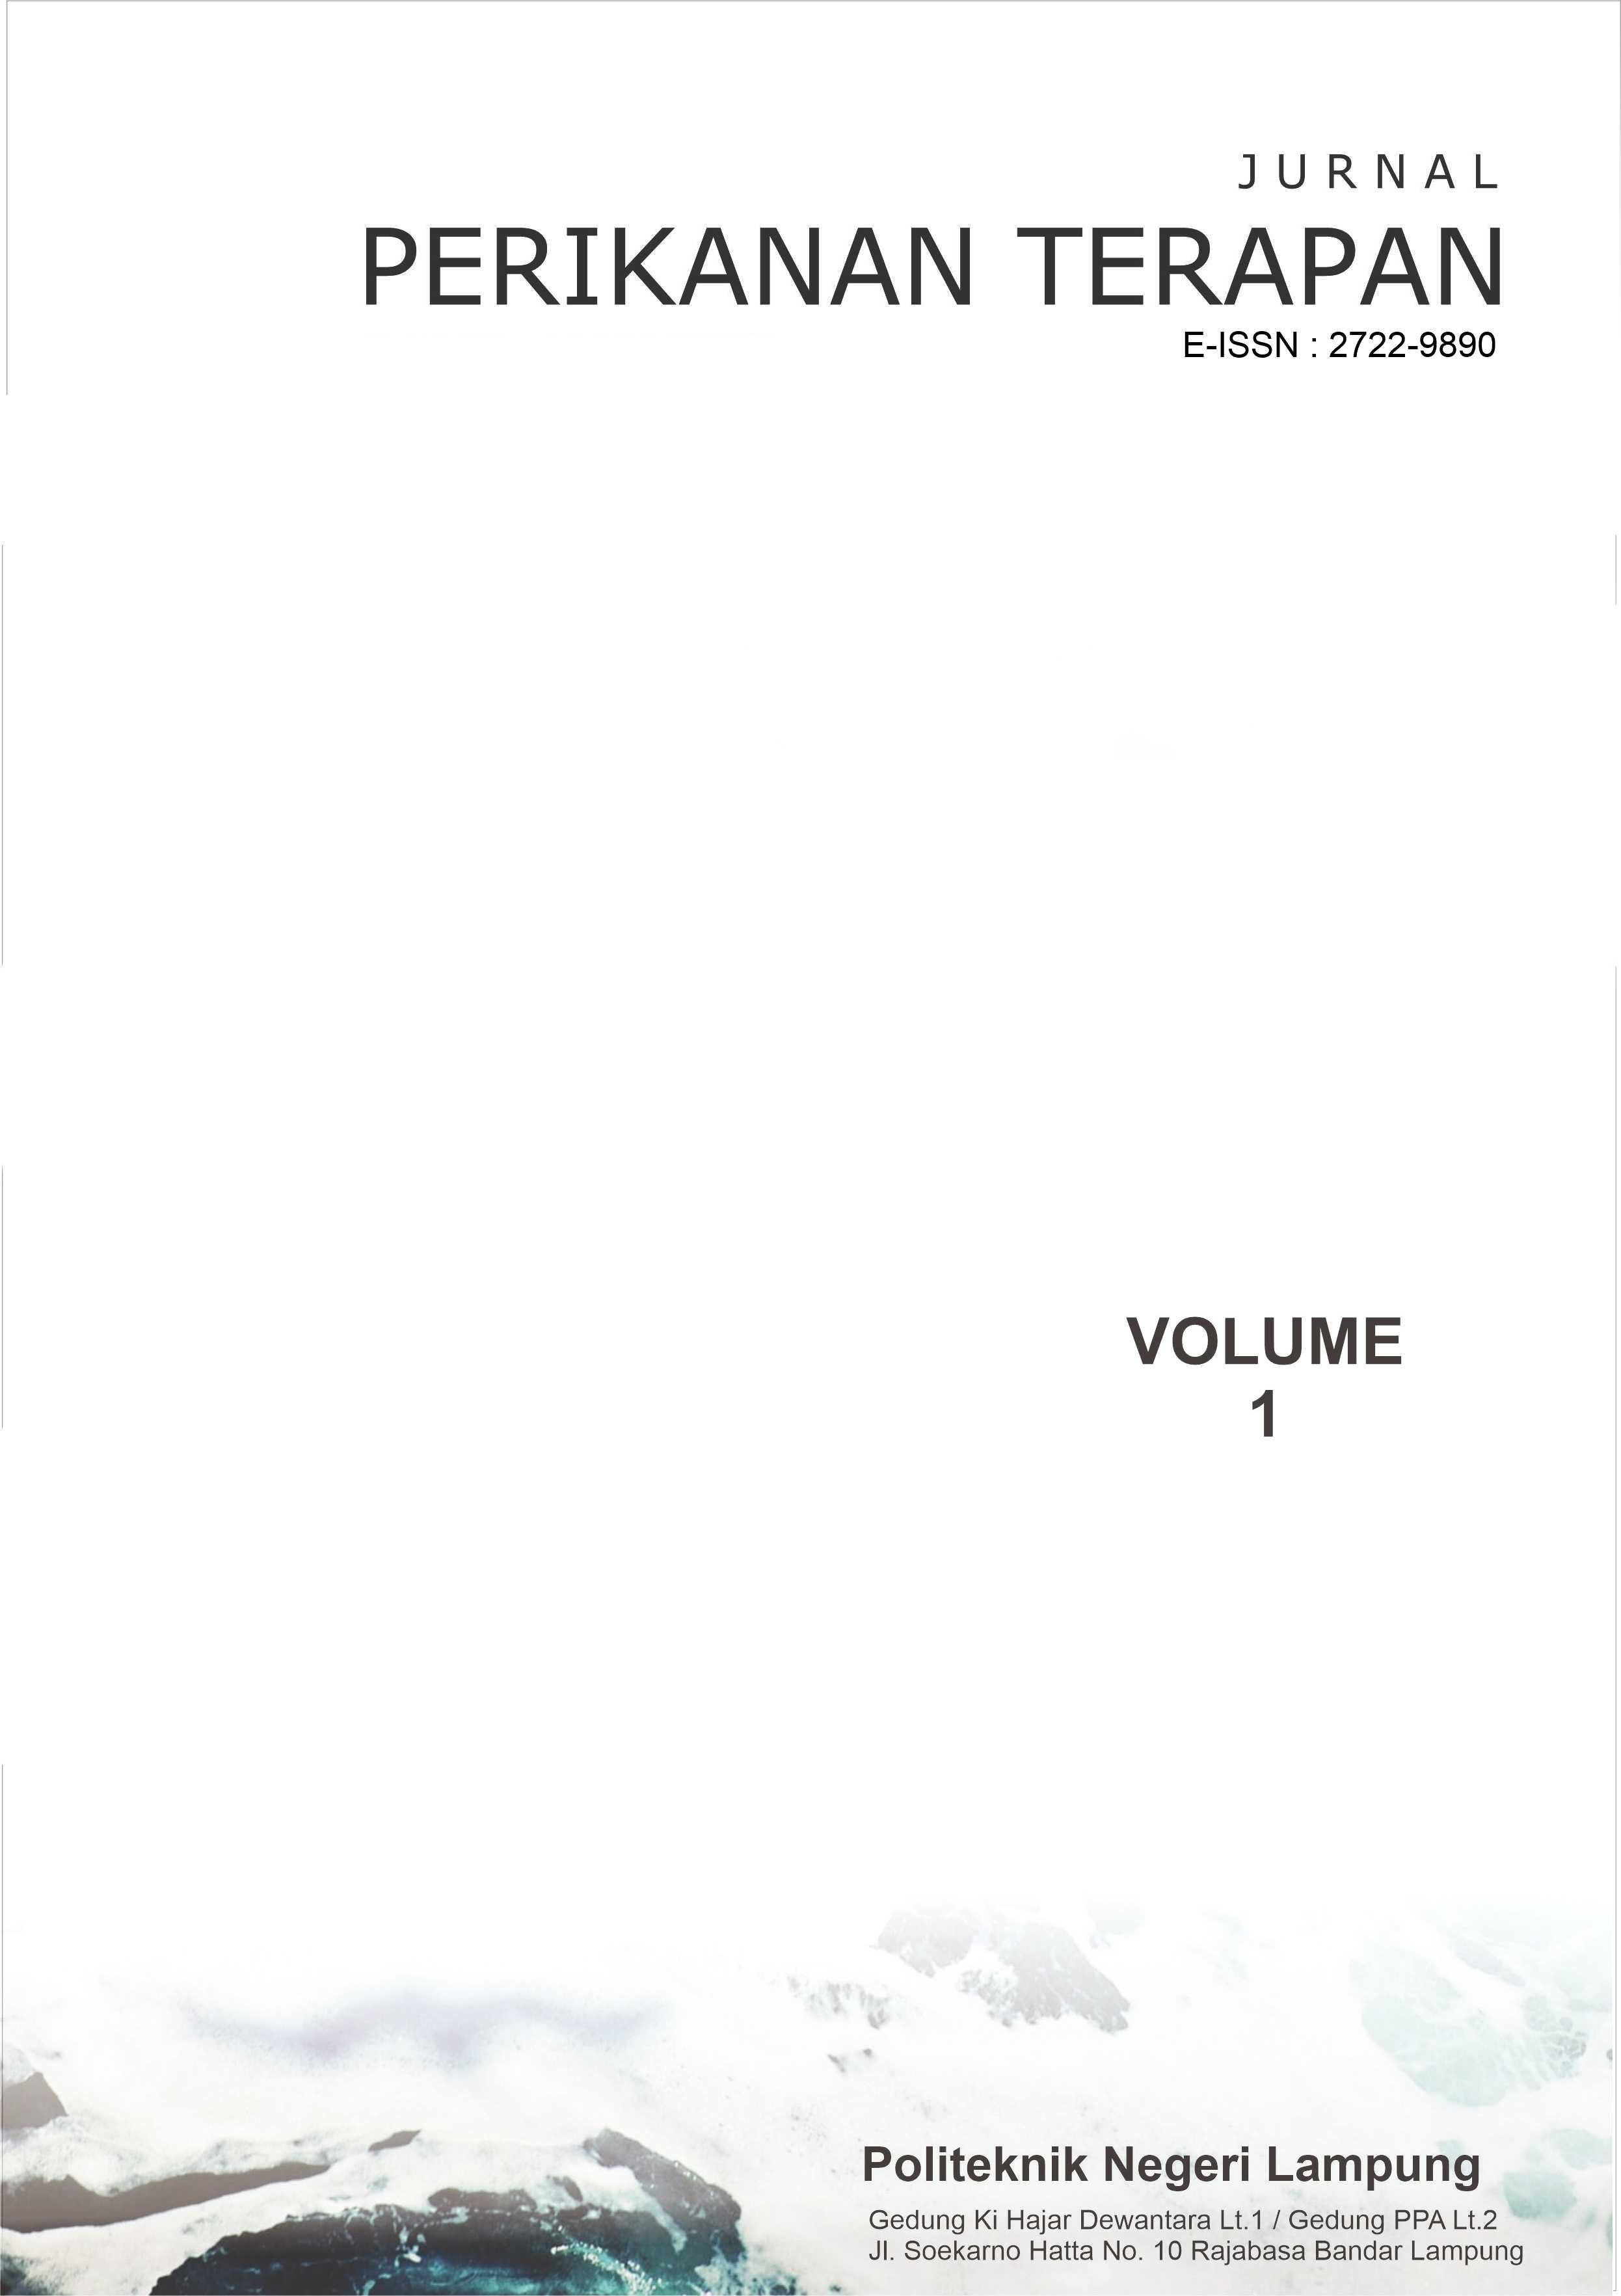 View Vol. 1